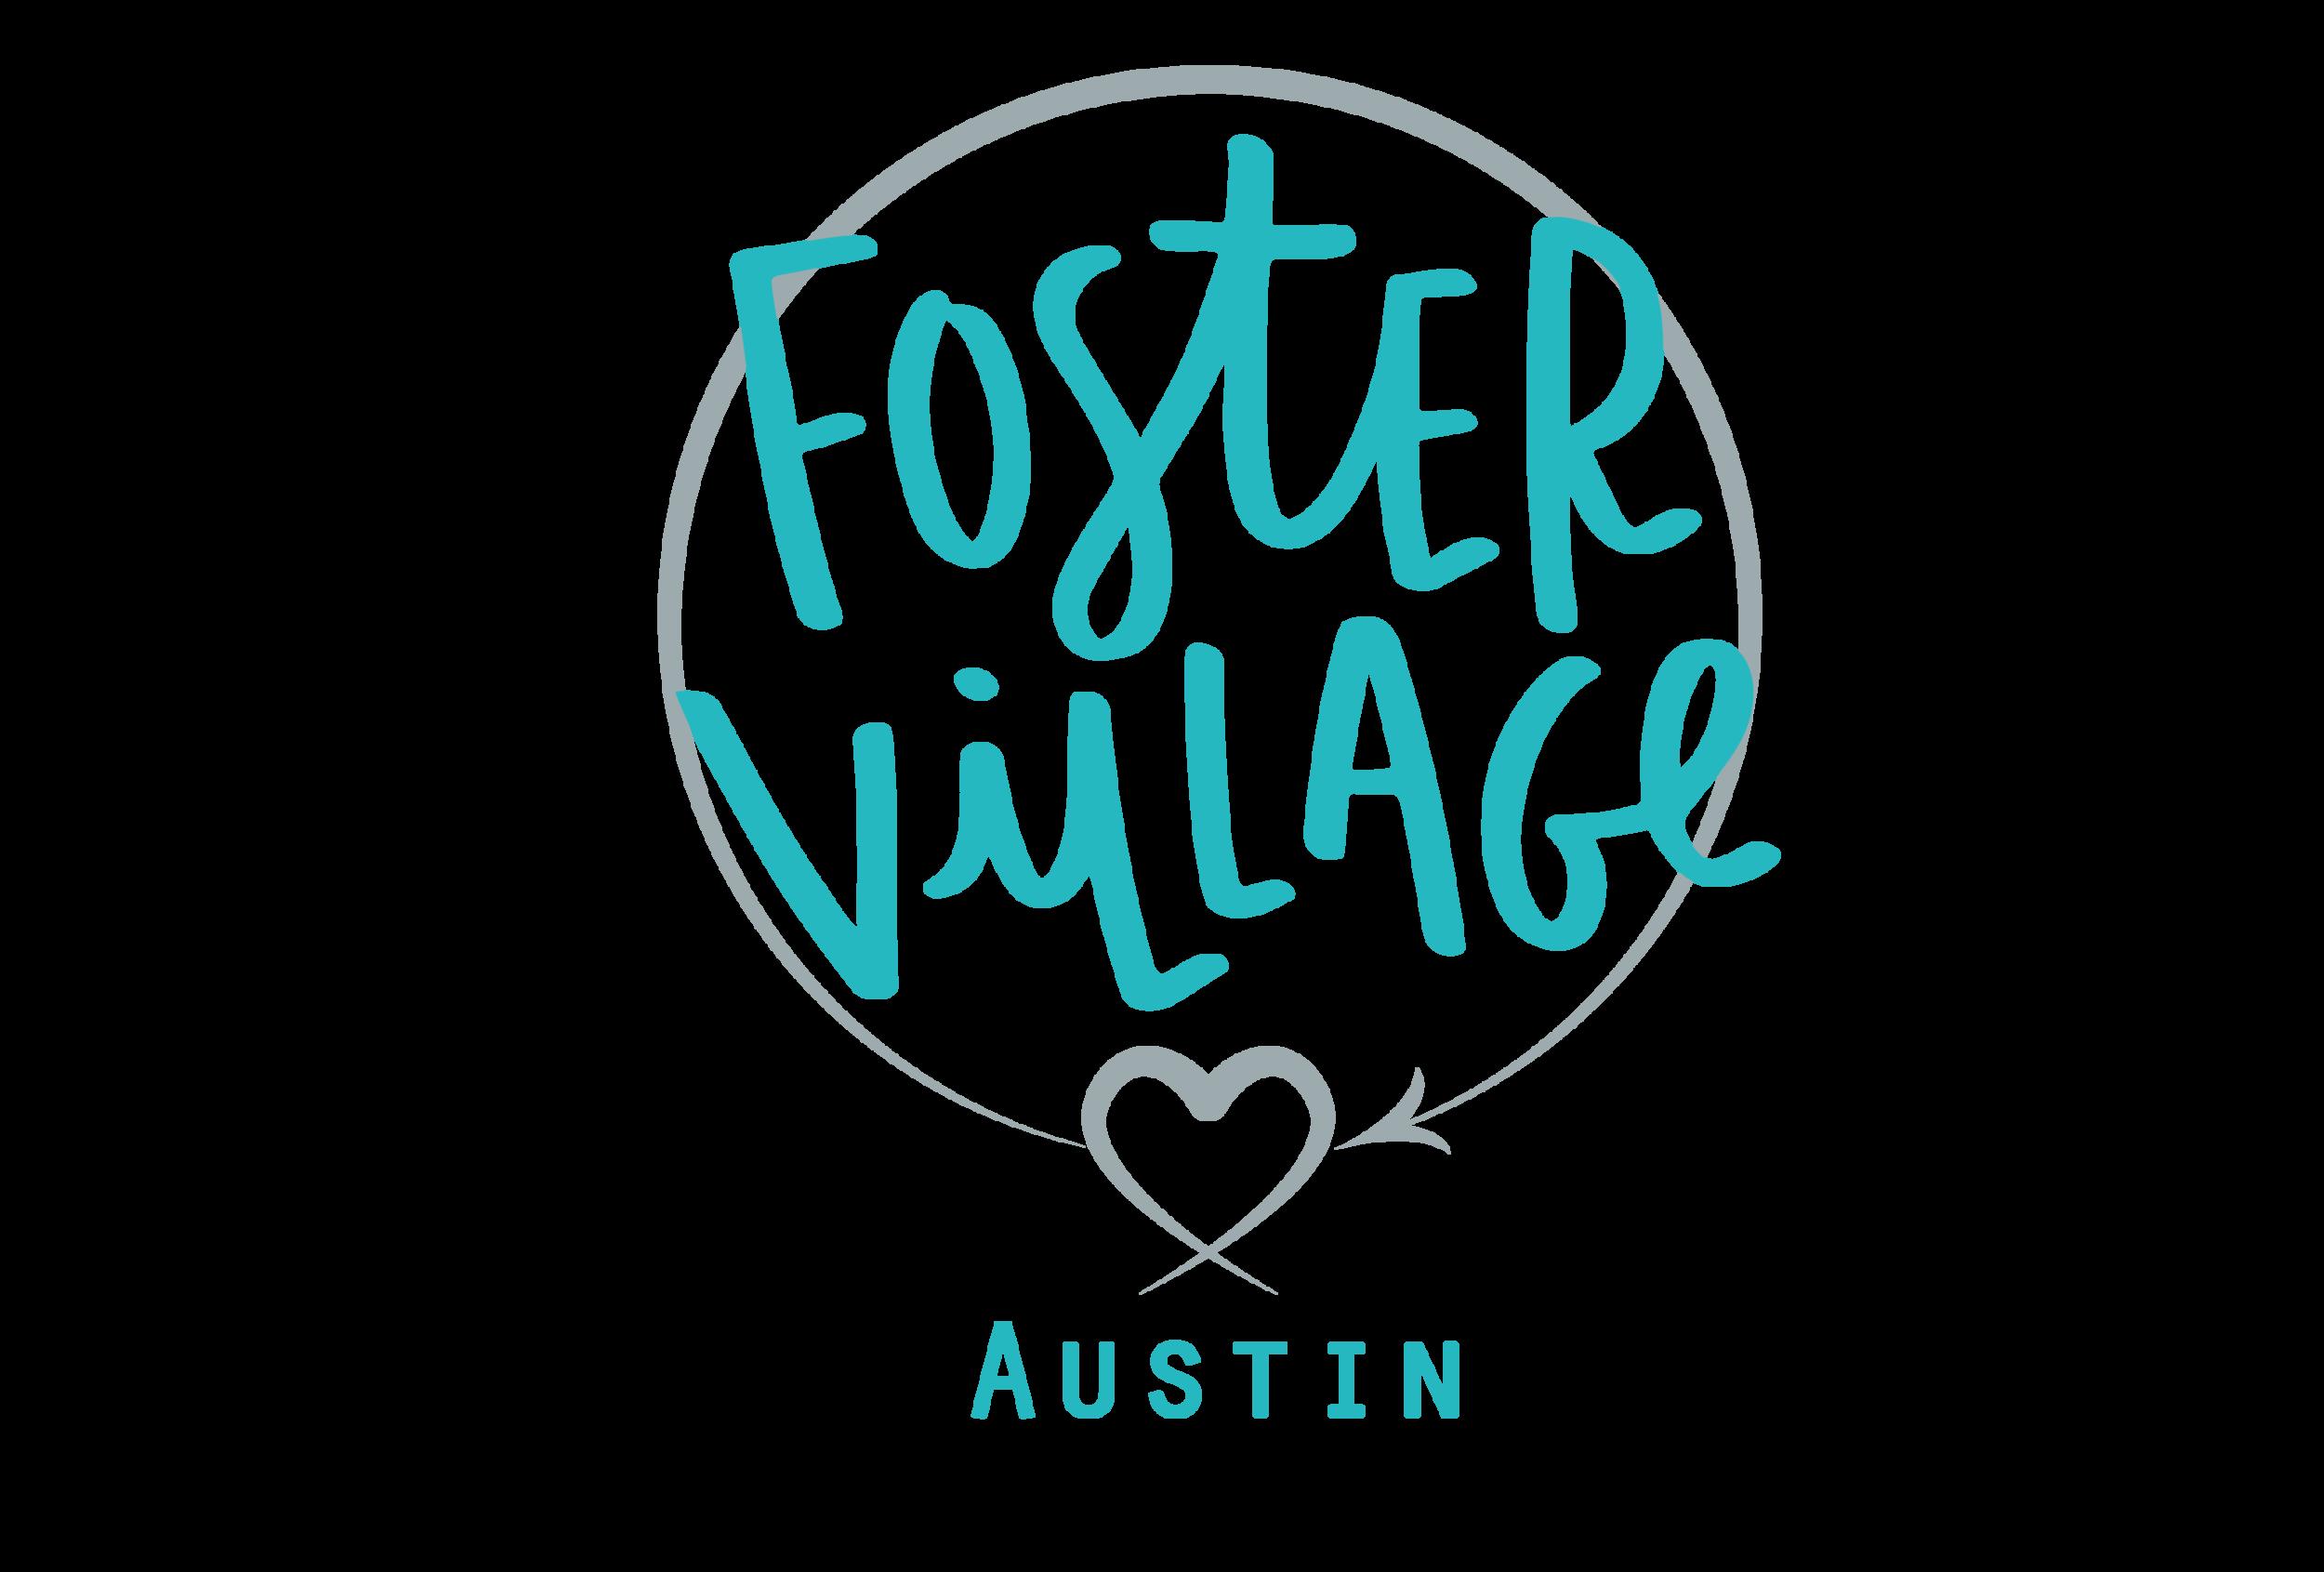 FV_Austin_logo.png